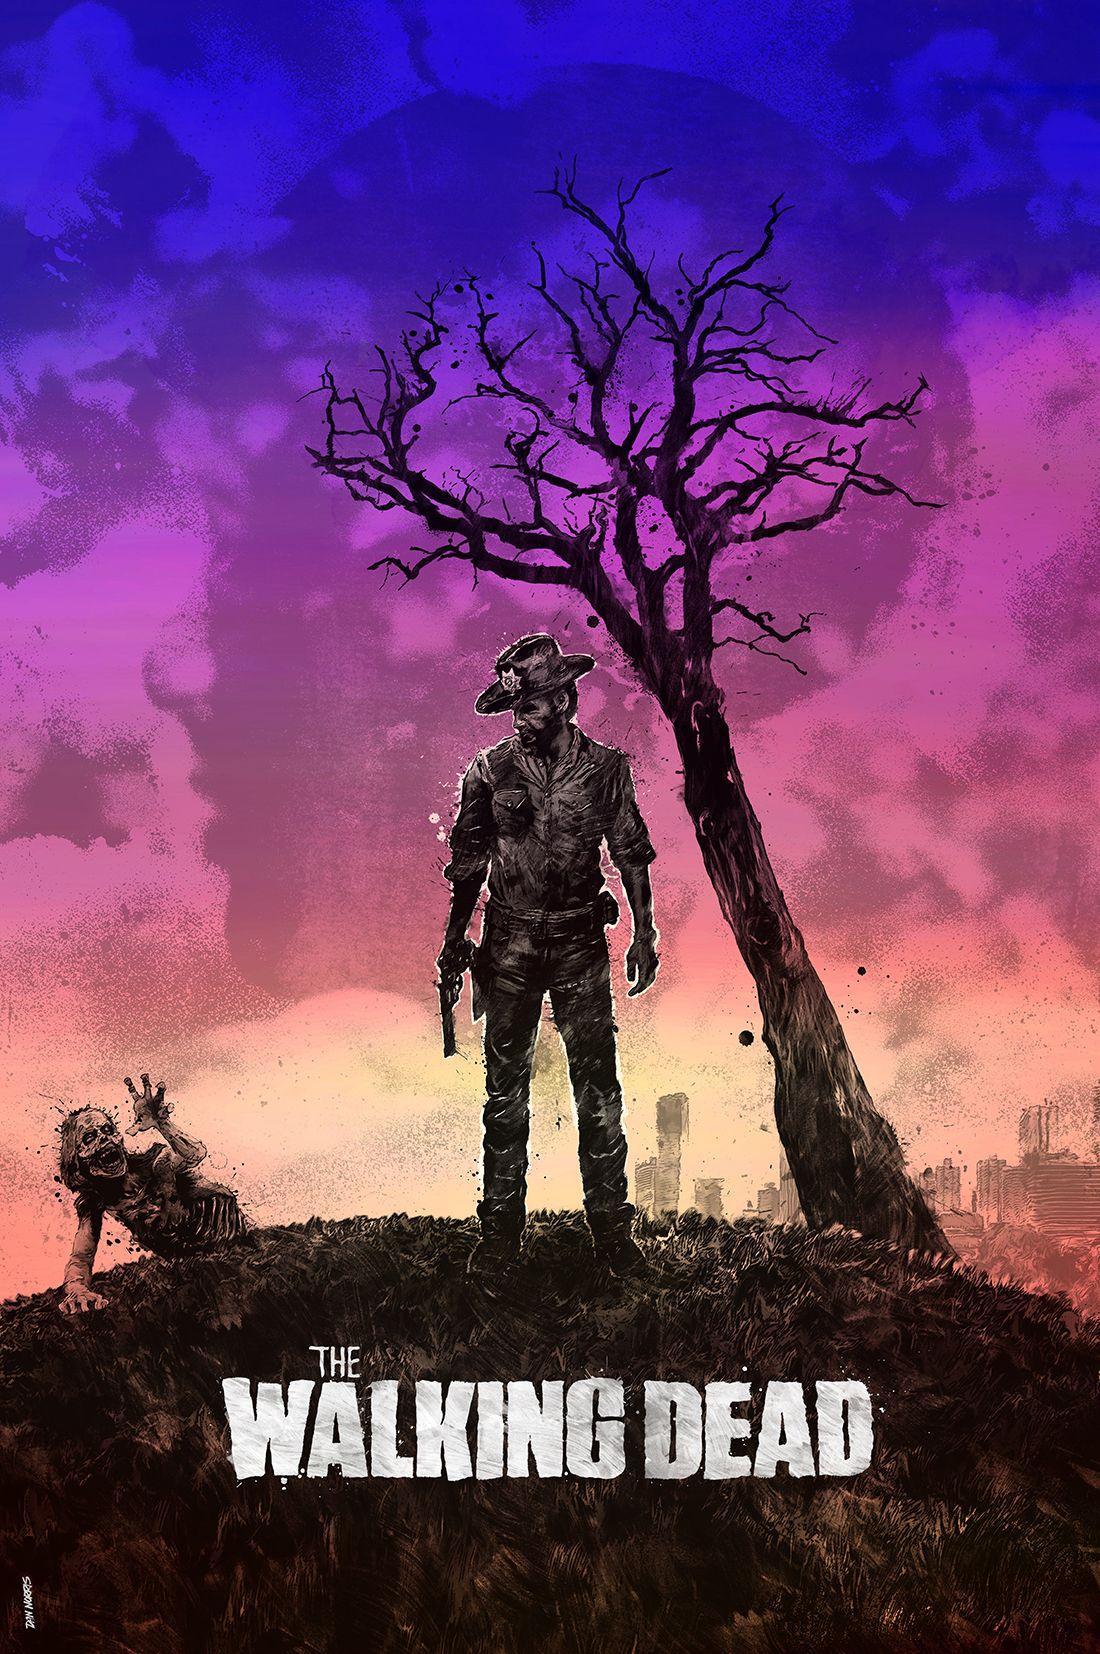 Pin By Den Adams On Walking Dead The Walking Dead Poster